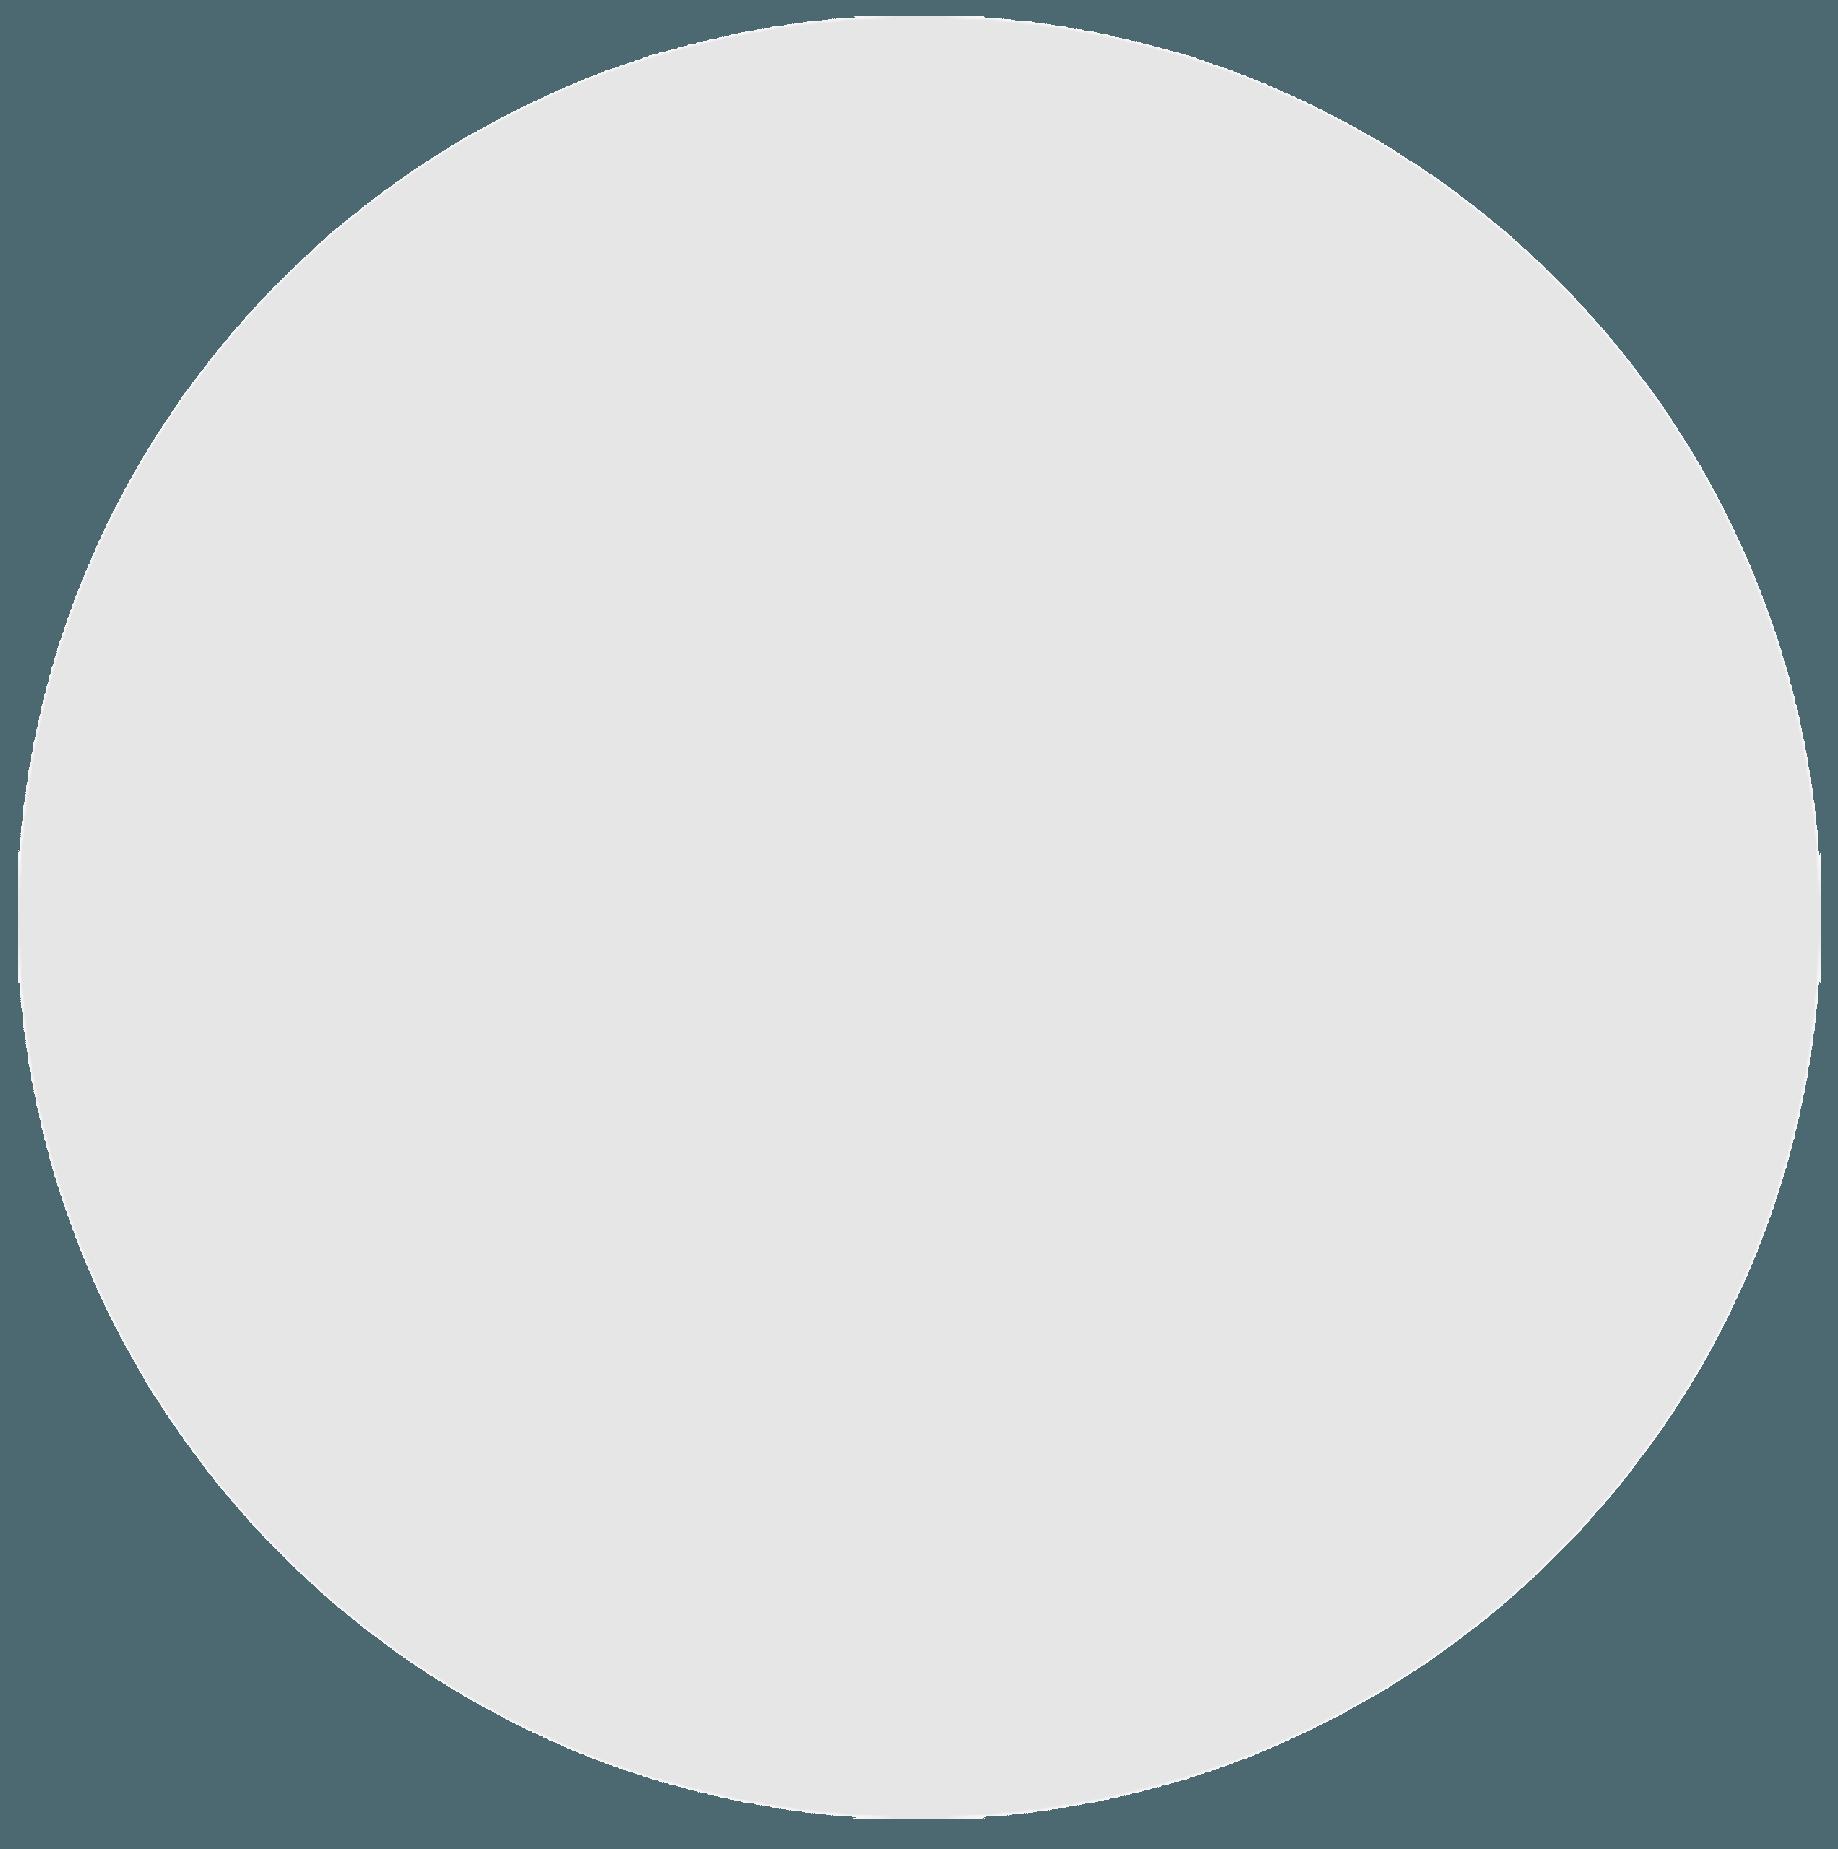 Large grey circle